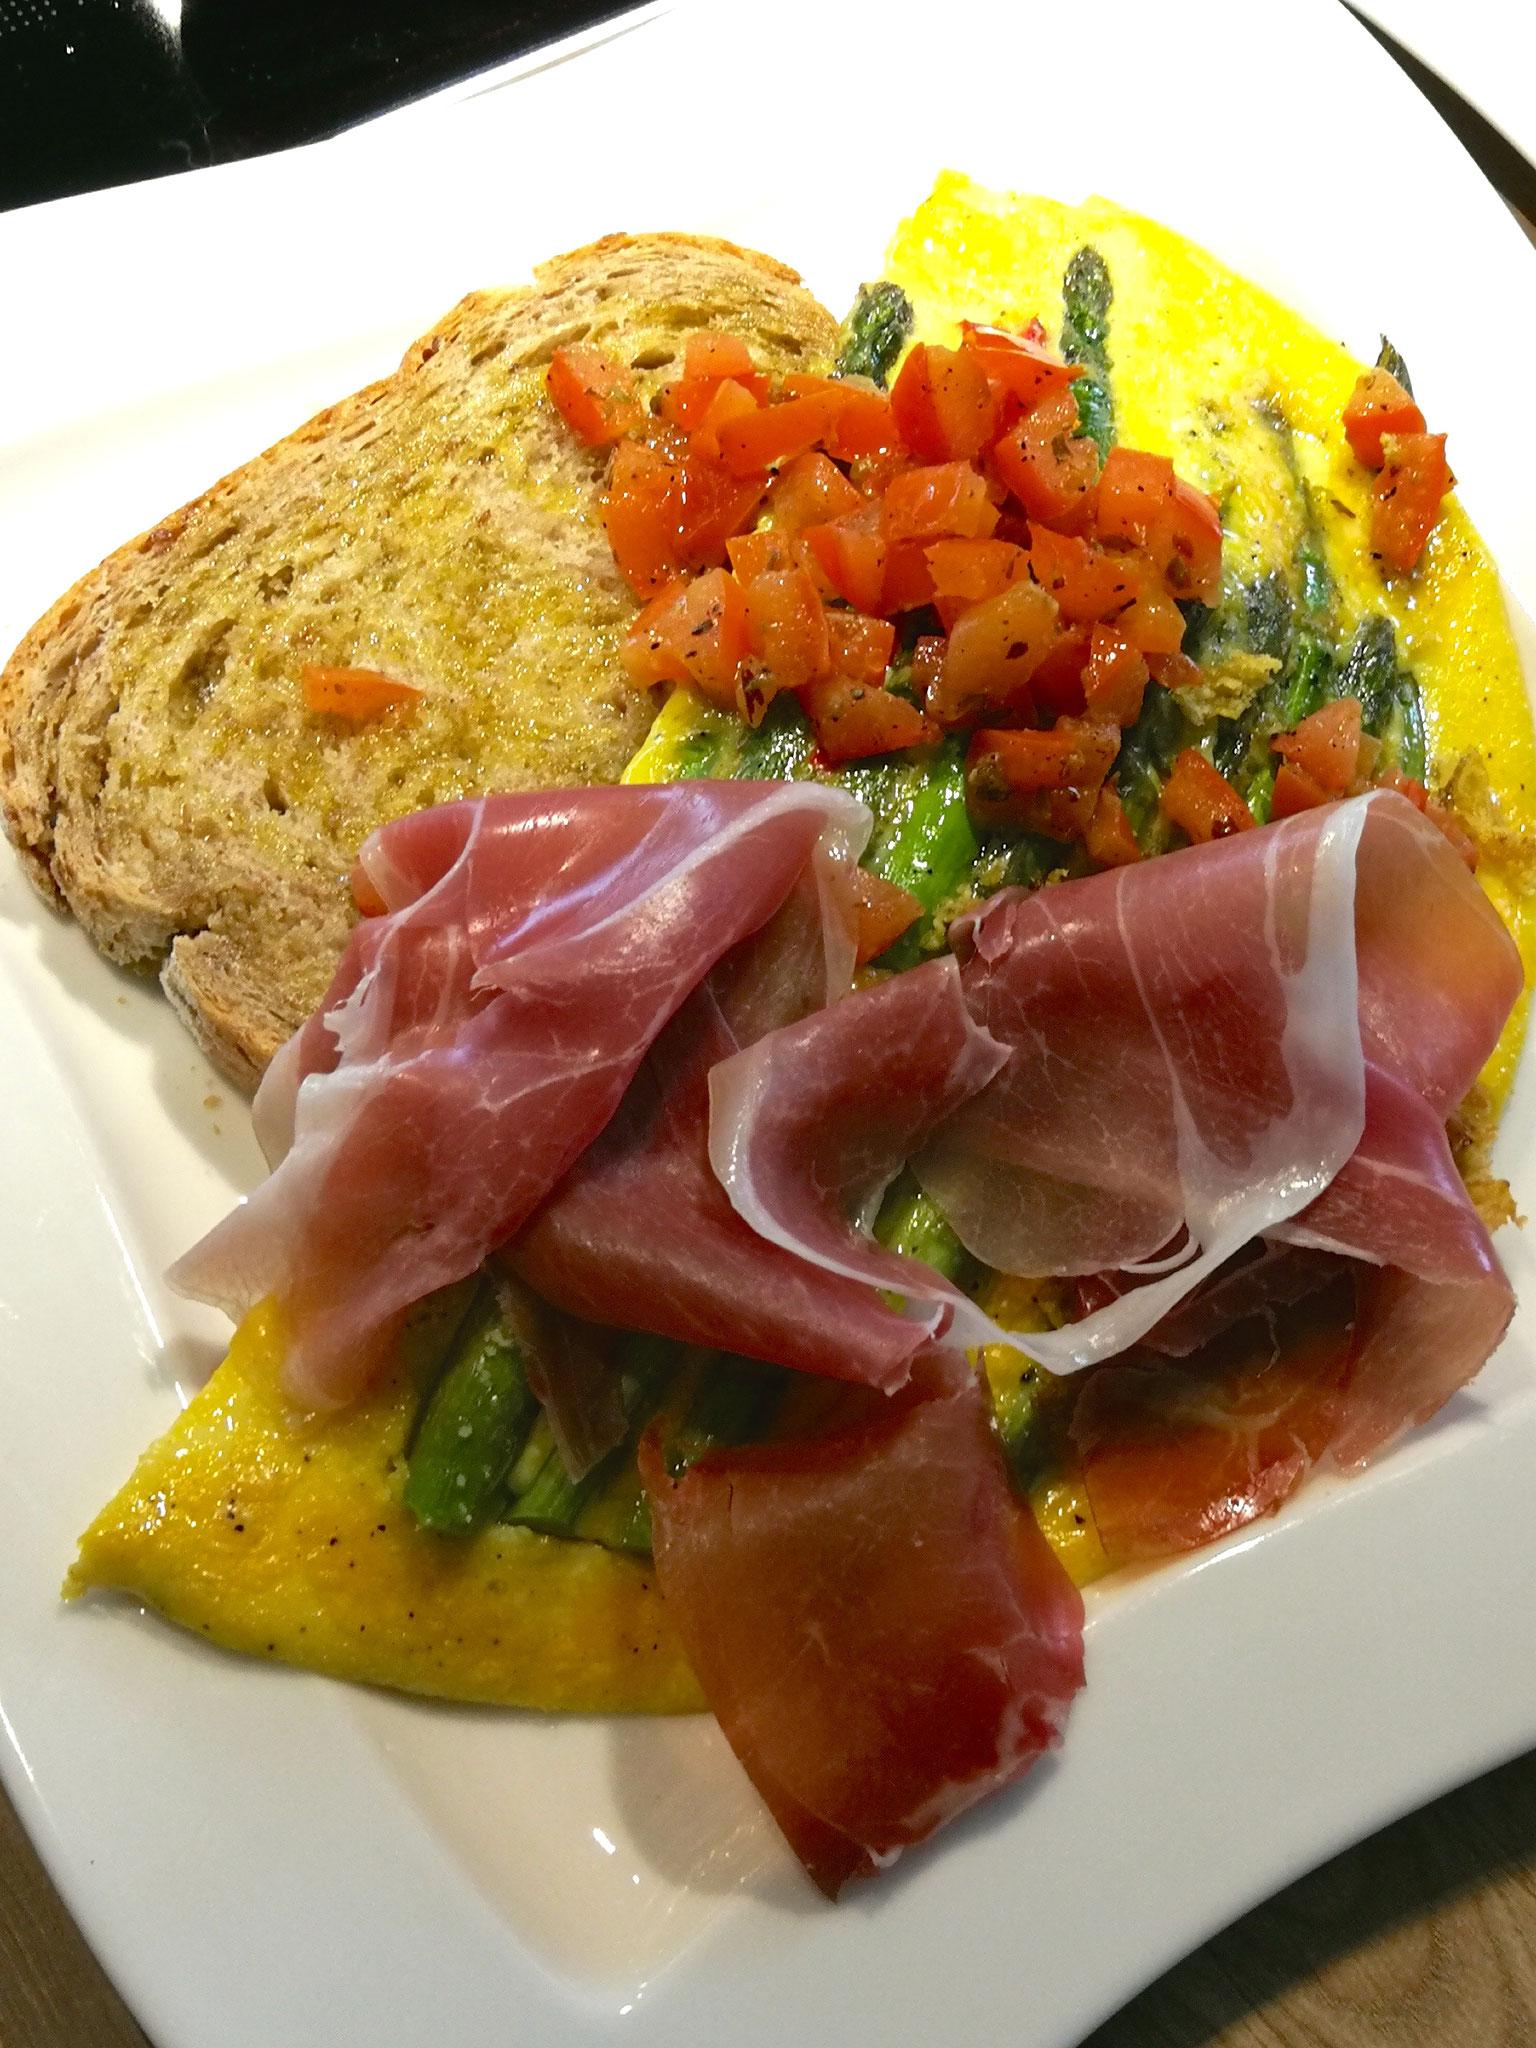 Omlett mit grünem Spargel, Tomaten-Basilikum-Salat und Parma-Schinken